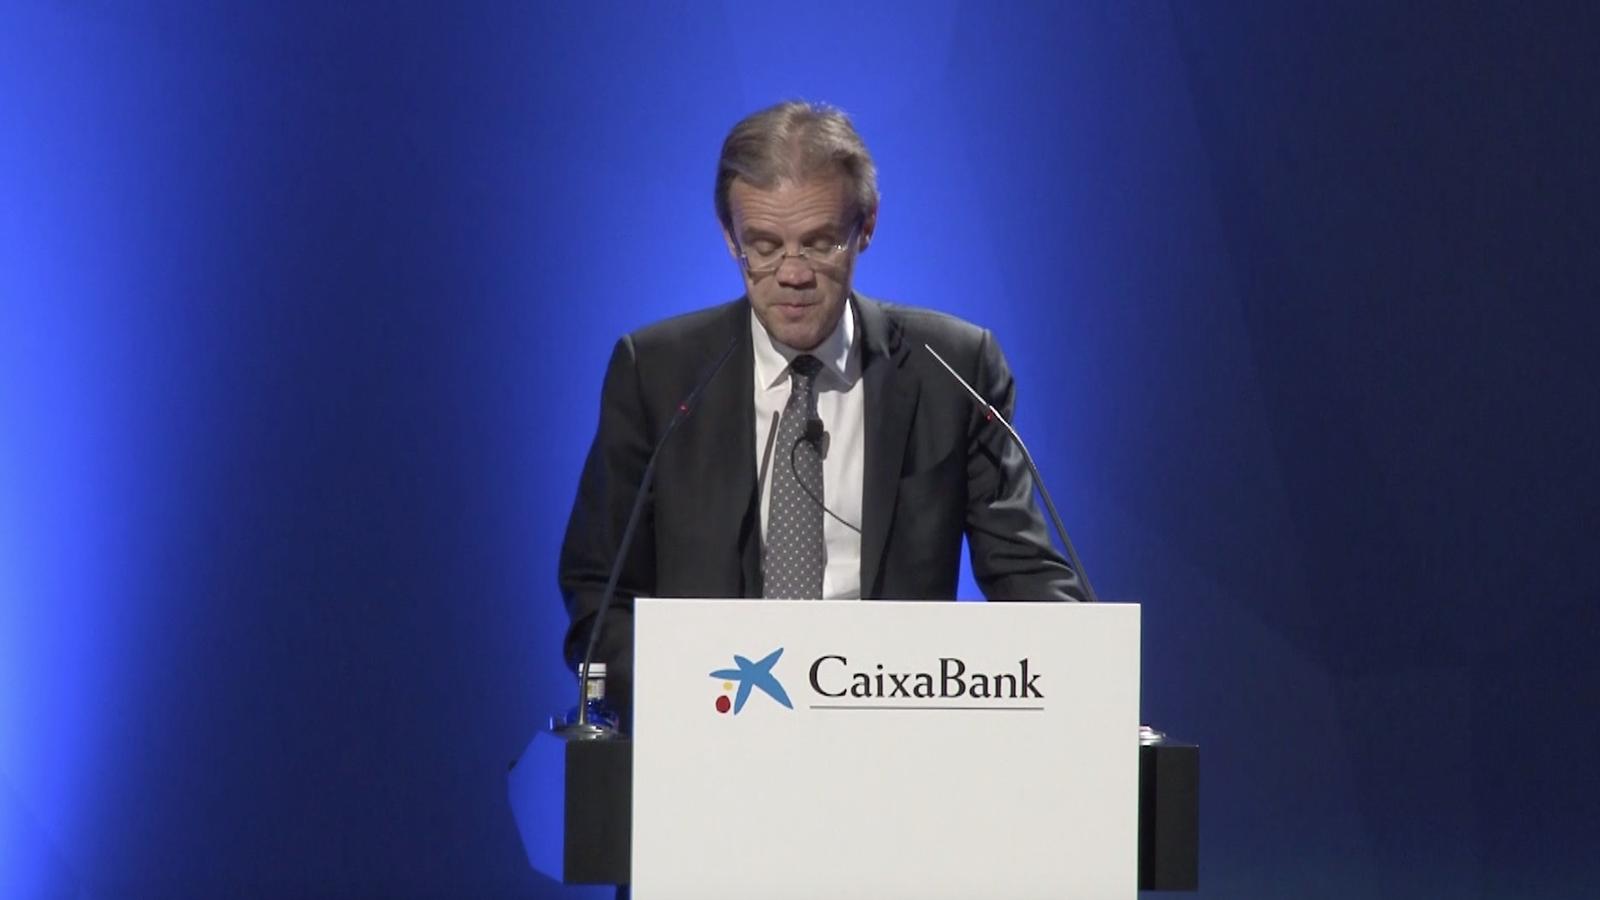 Jordi Gual, parlant en valencià a la junta d'accionistes de CaixaBank